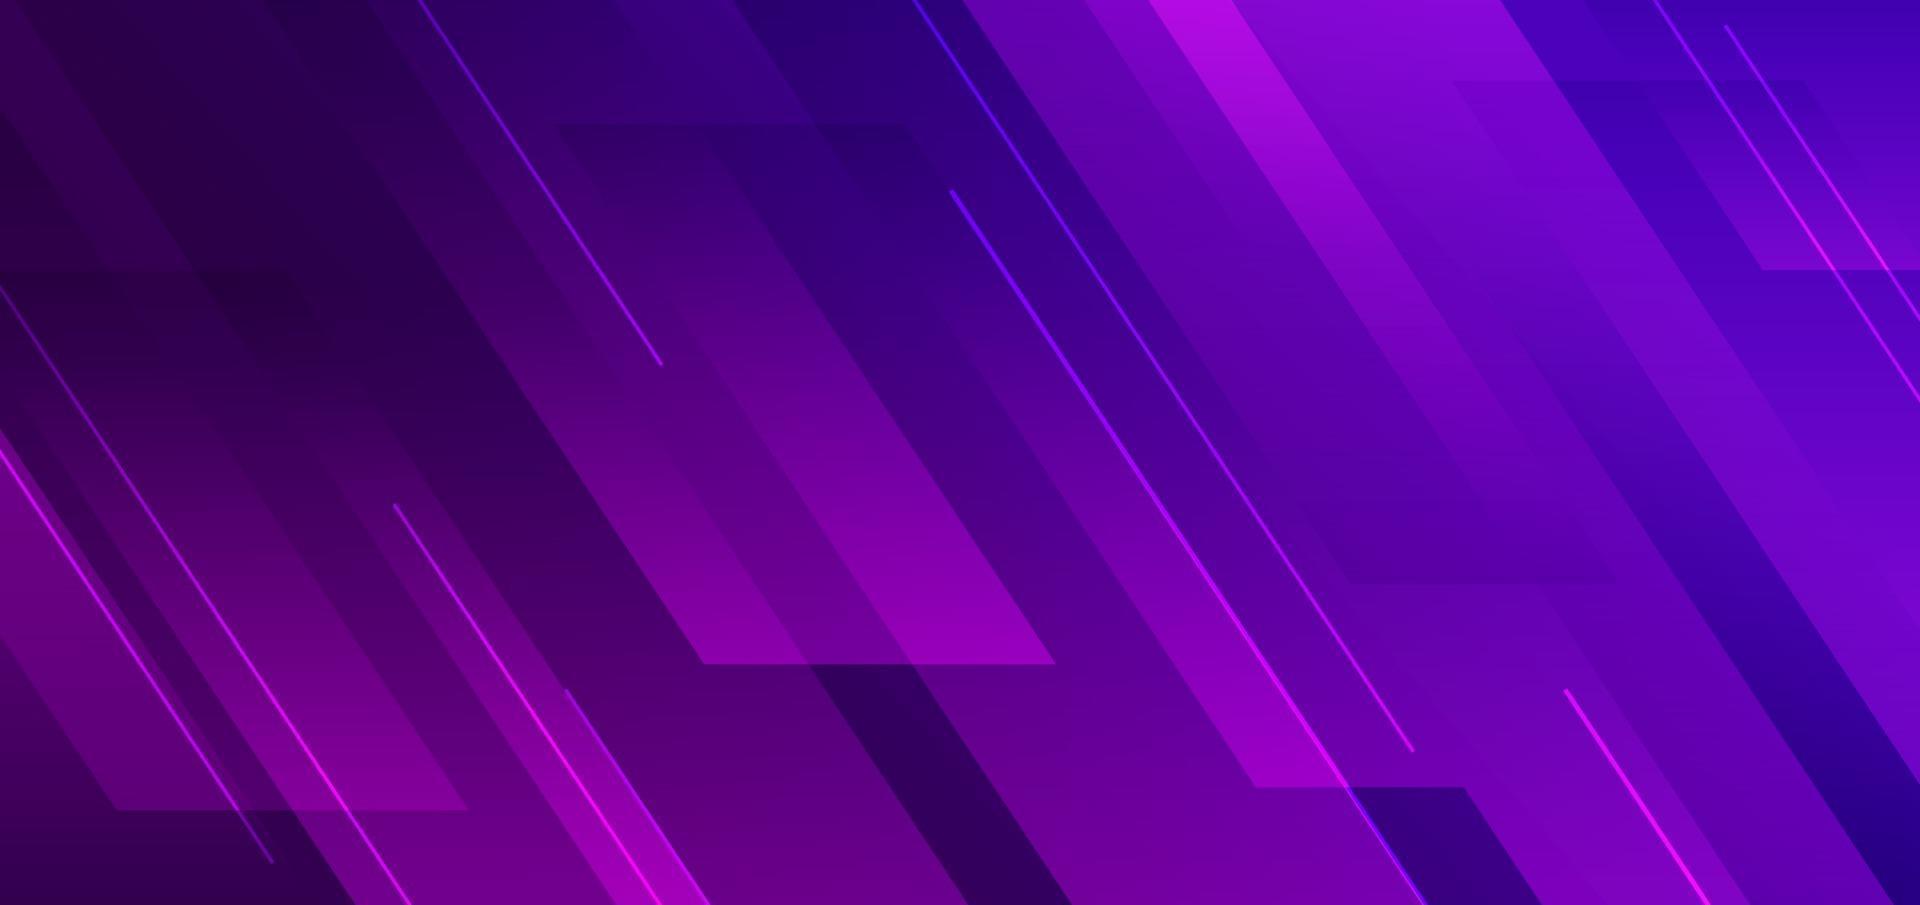 abstracte blauwe en roze gradiëntkleur diagonaal geometrisch met achtergrond van de lijn de moderne technologie. vector